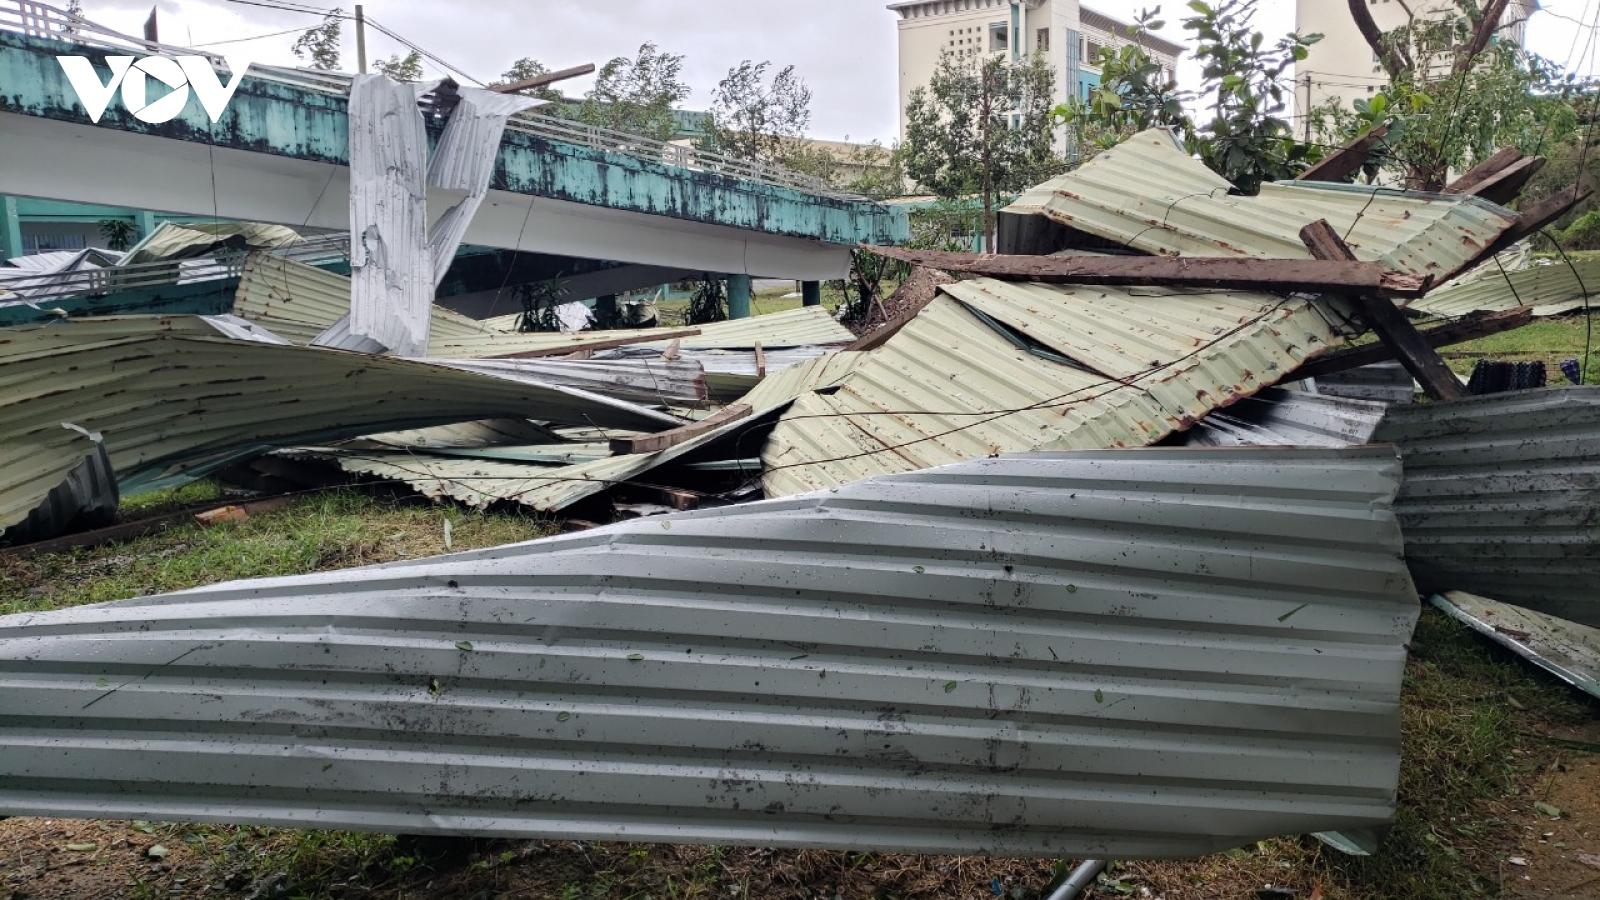 Bão số 9 gây thiệt hại nặng nề về tài sản, các tỉnh miền Trung khẩn trương khắc phục